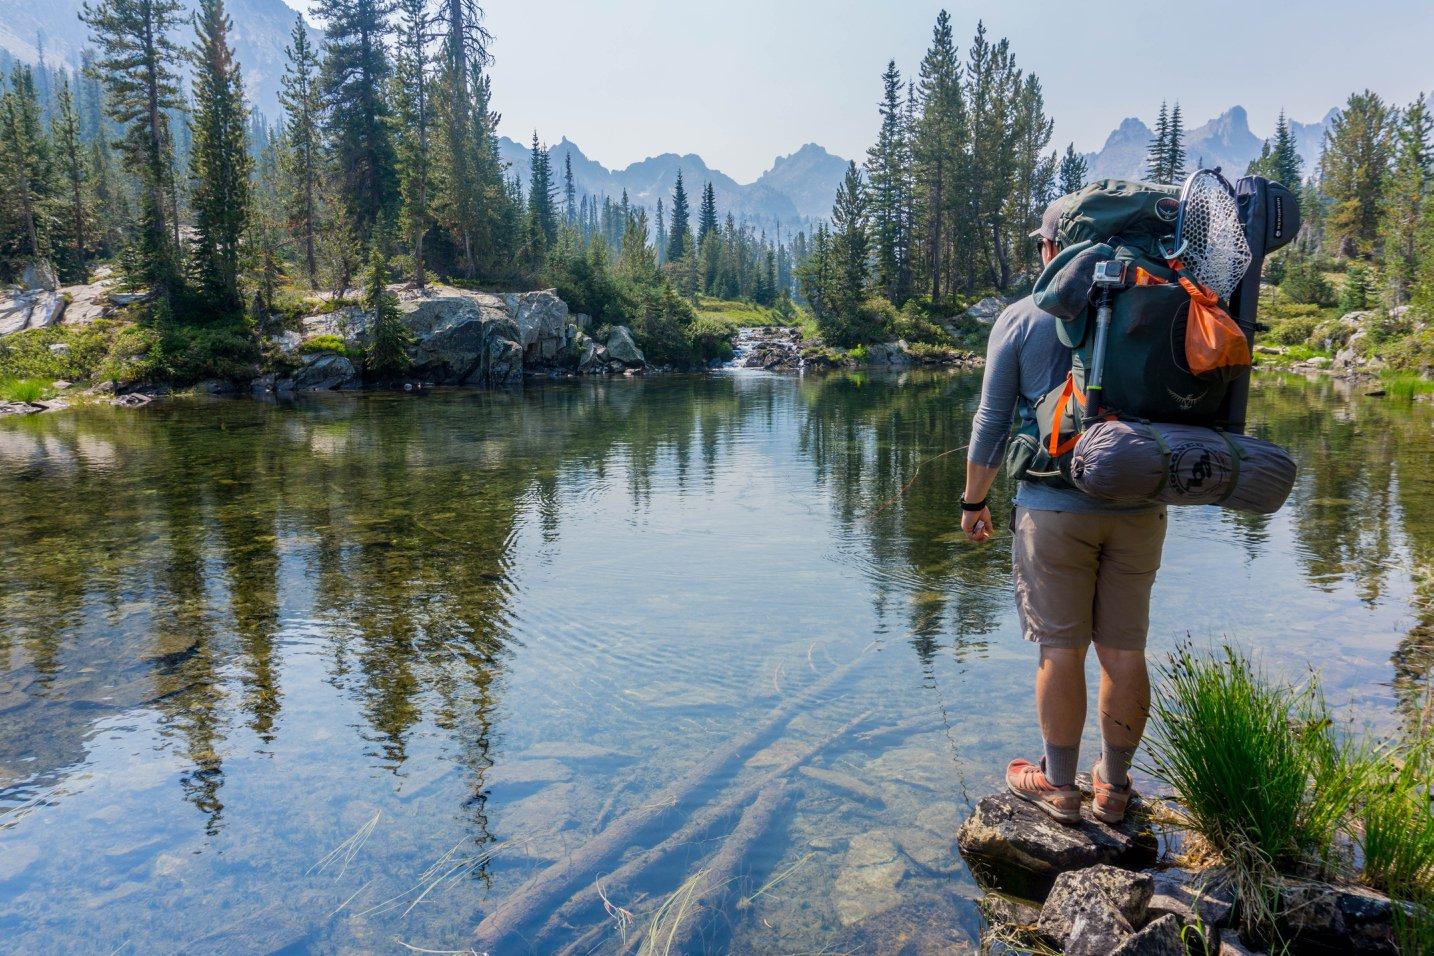 Hiking là một hoạt động có tính chất kết hợp giữa thể thao và du lịch